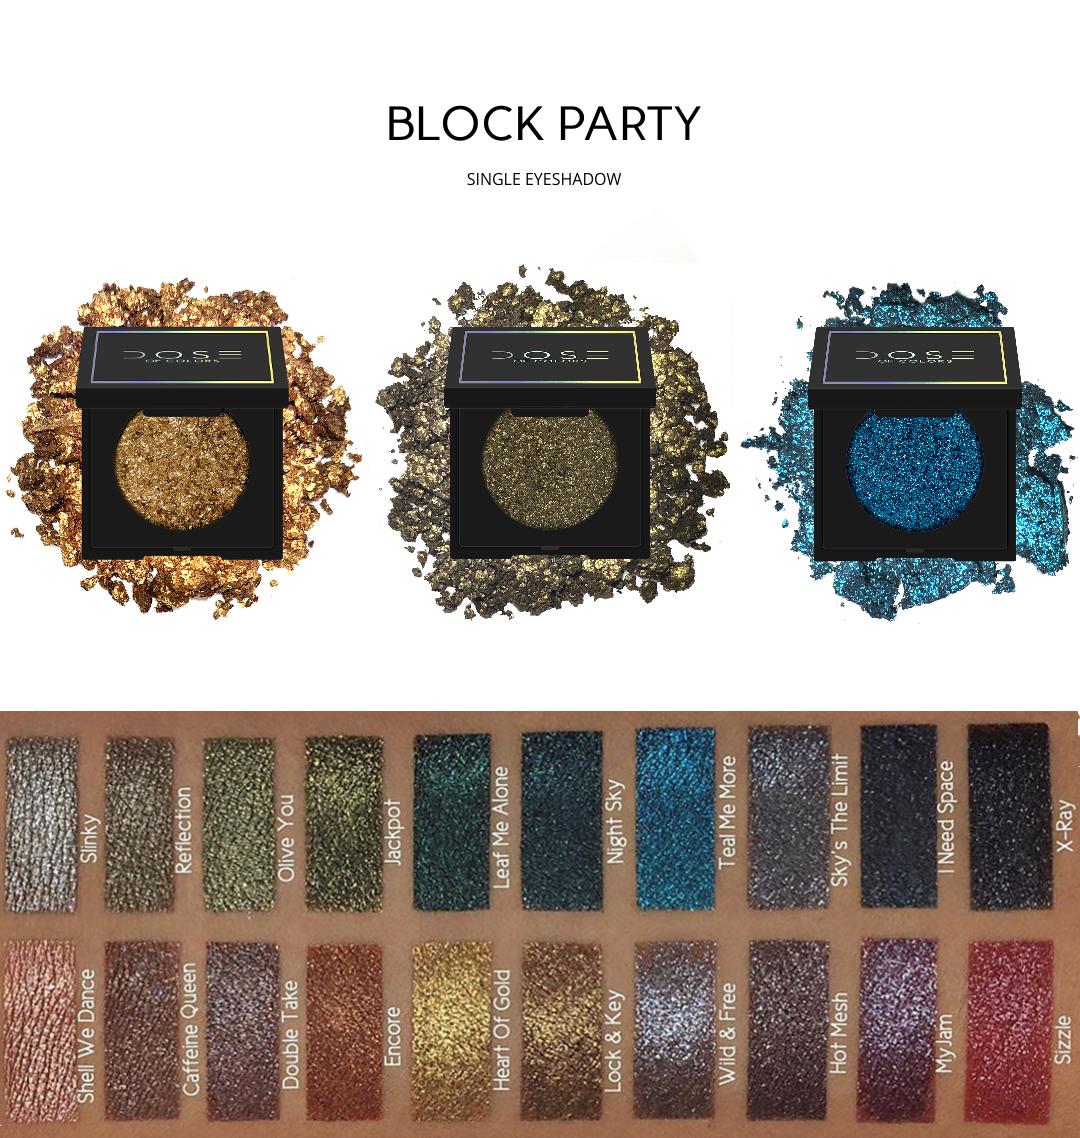 Dose Of Colors Block Party Single Eyeshadow Un Fard A Paupieres Unique En Son Genre Qui Deborde De Reflets Dose Of Colors Eyeshadow Dose Of Colors Eyeshadow